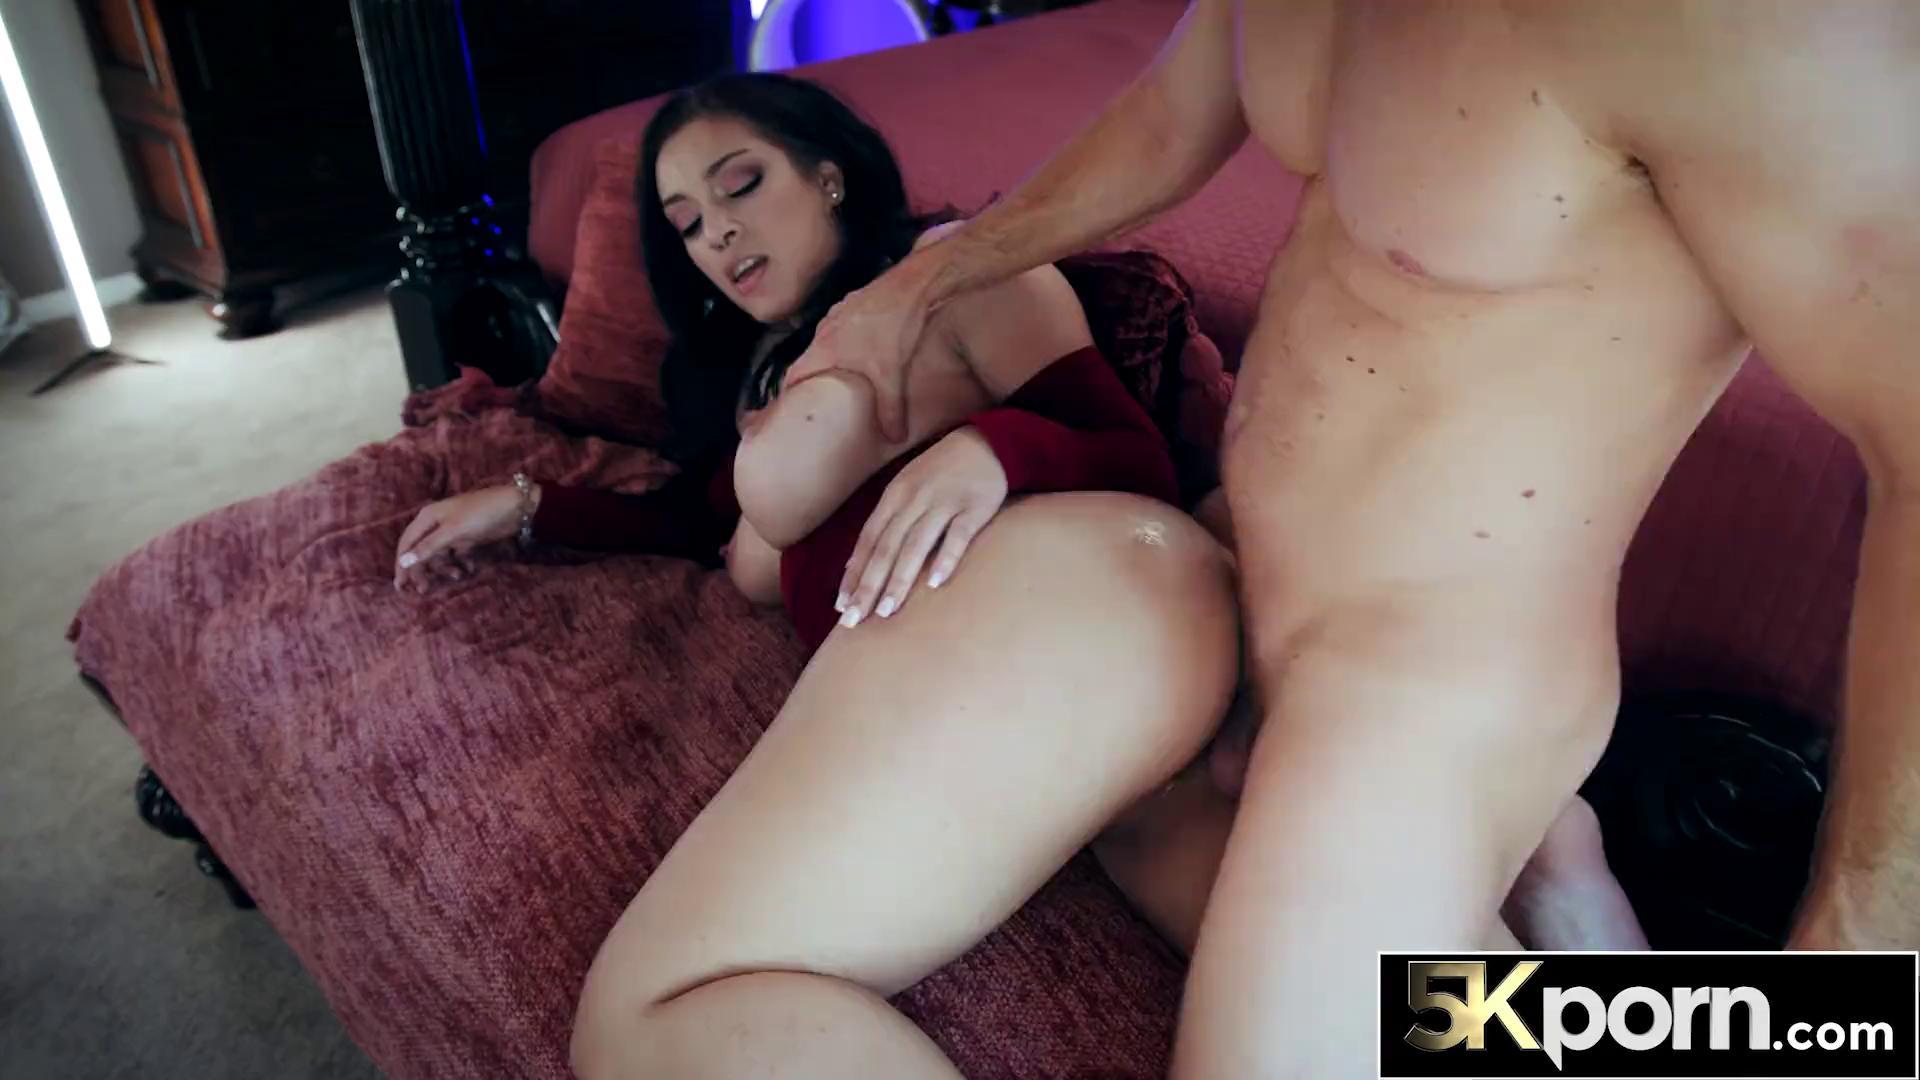 big ass big tits threesome